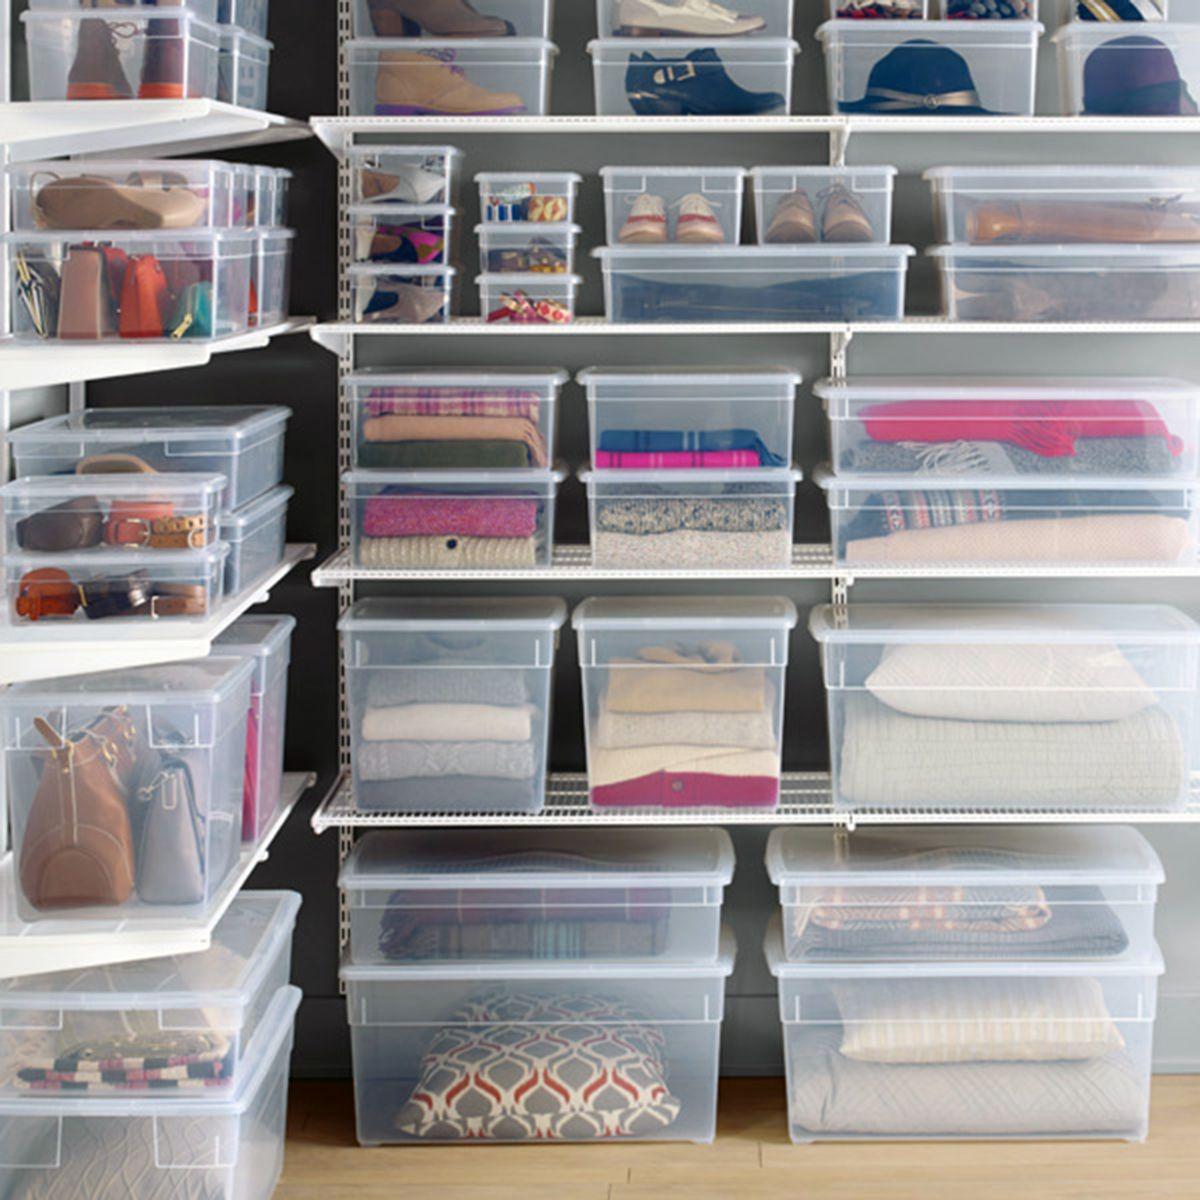 12 Closet Hacks For More Storage Diycraftsguru